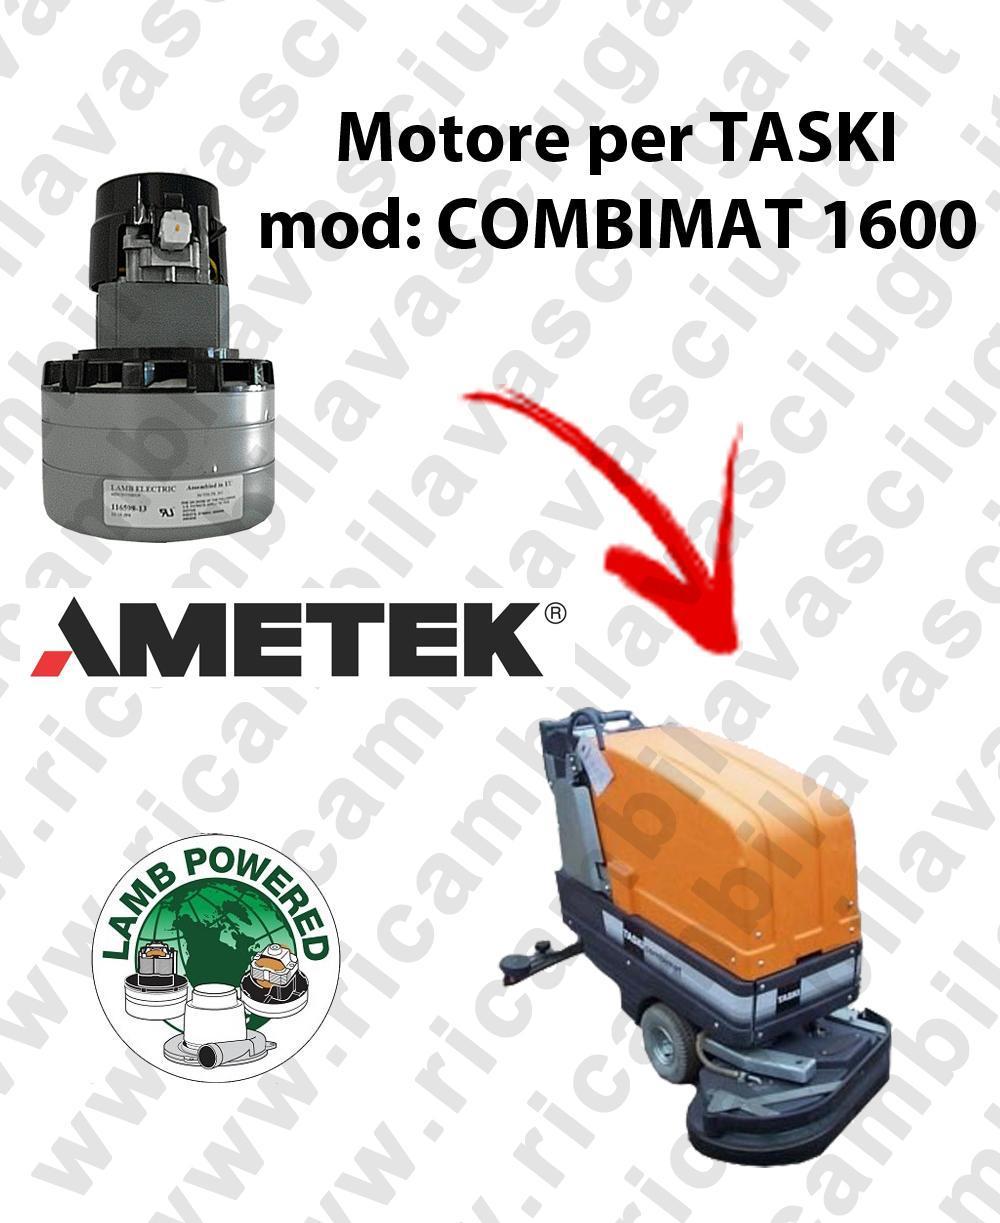 COMBIMAT 1600 MOTEUR ASPIRATION LAMB AMATEK pour autolaveuses TASKI